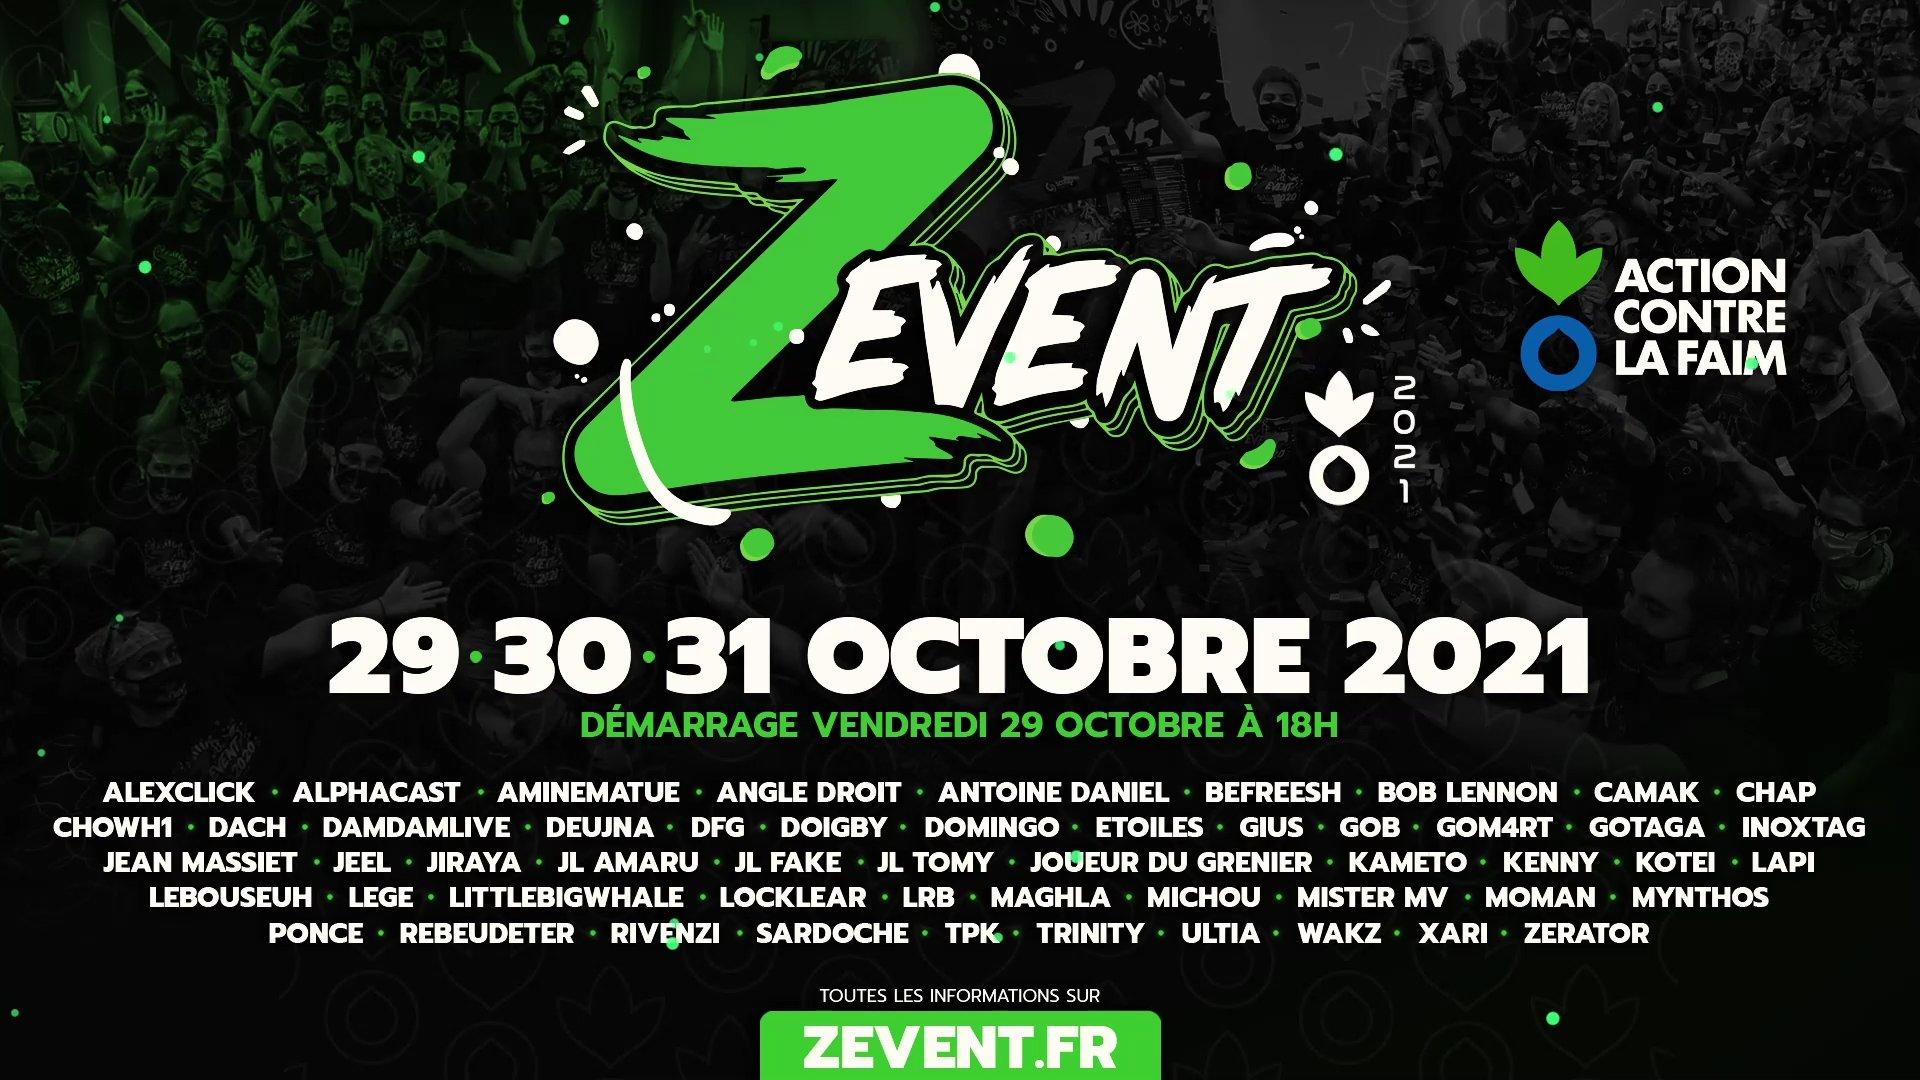 zevent-2021-liste-participants